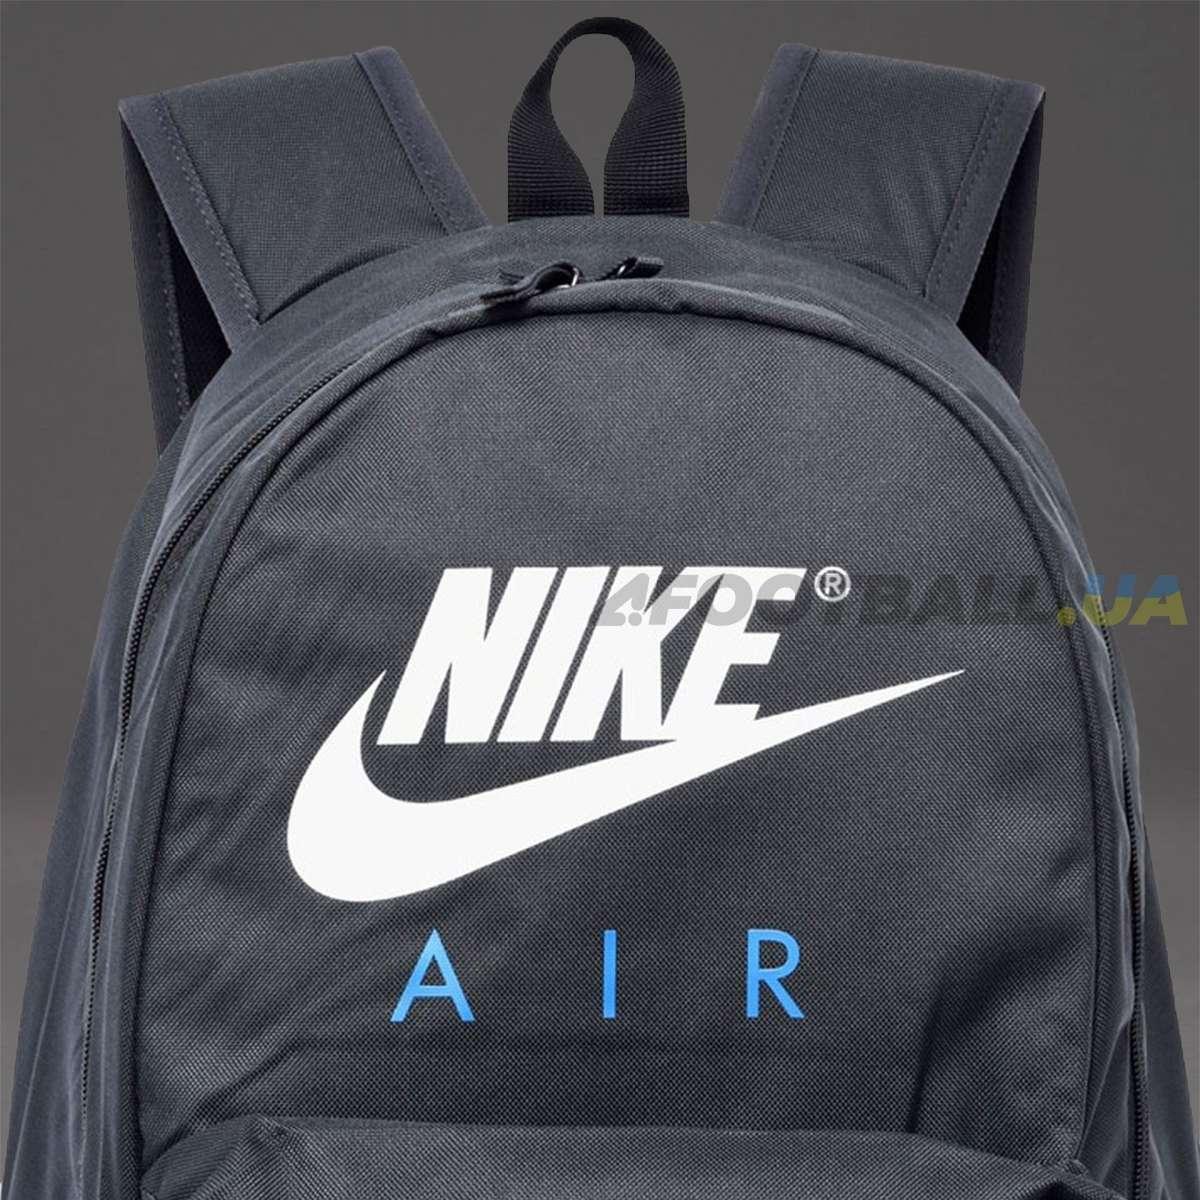 f07c9252 Рюкзак Nike Air | BA5777-060 купить на 4football™ в Киеве, Украина